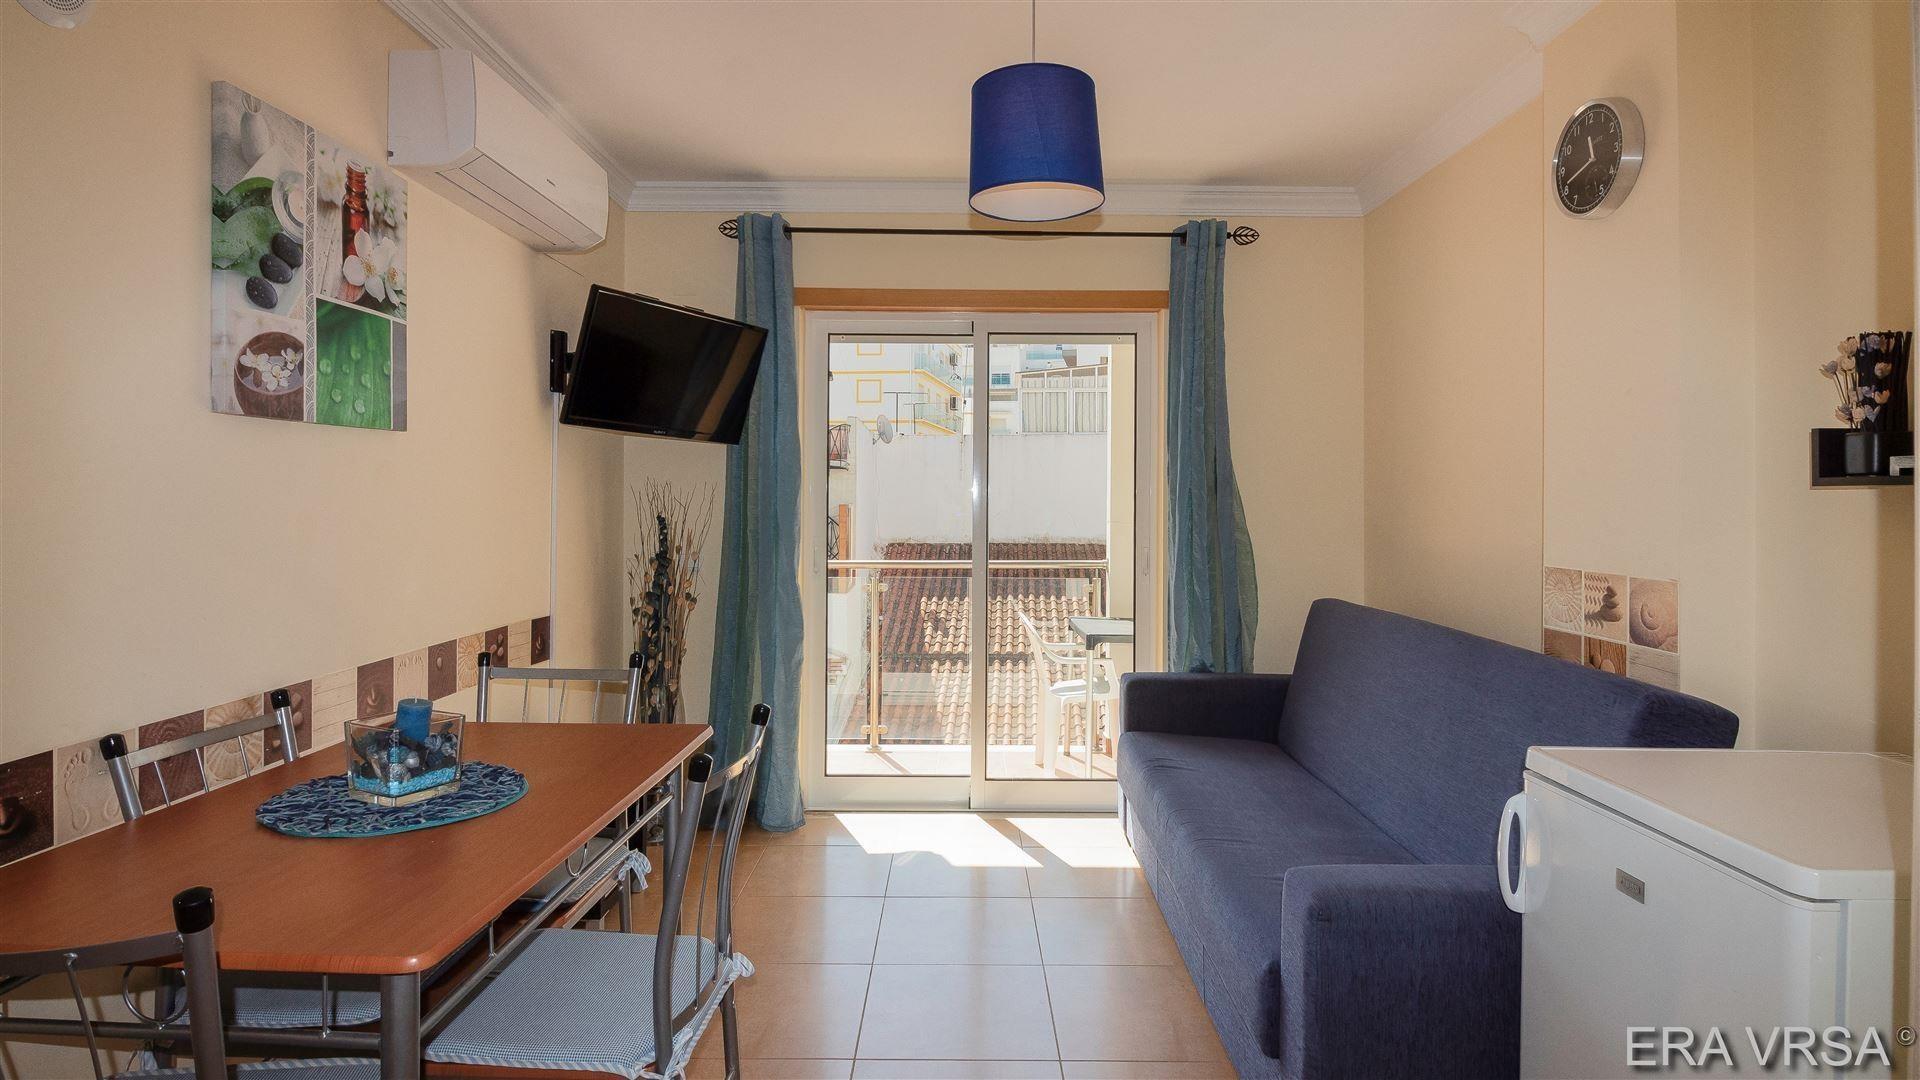 Appartamento 2 Vani  - Algarve, Monte Gordo, Vila Real de Santo António